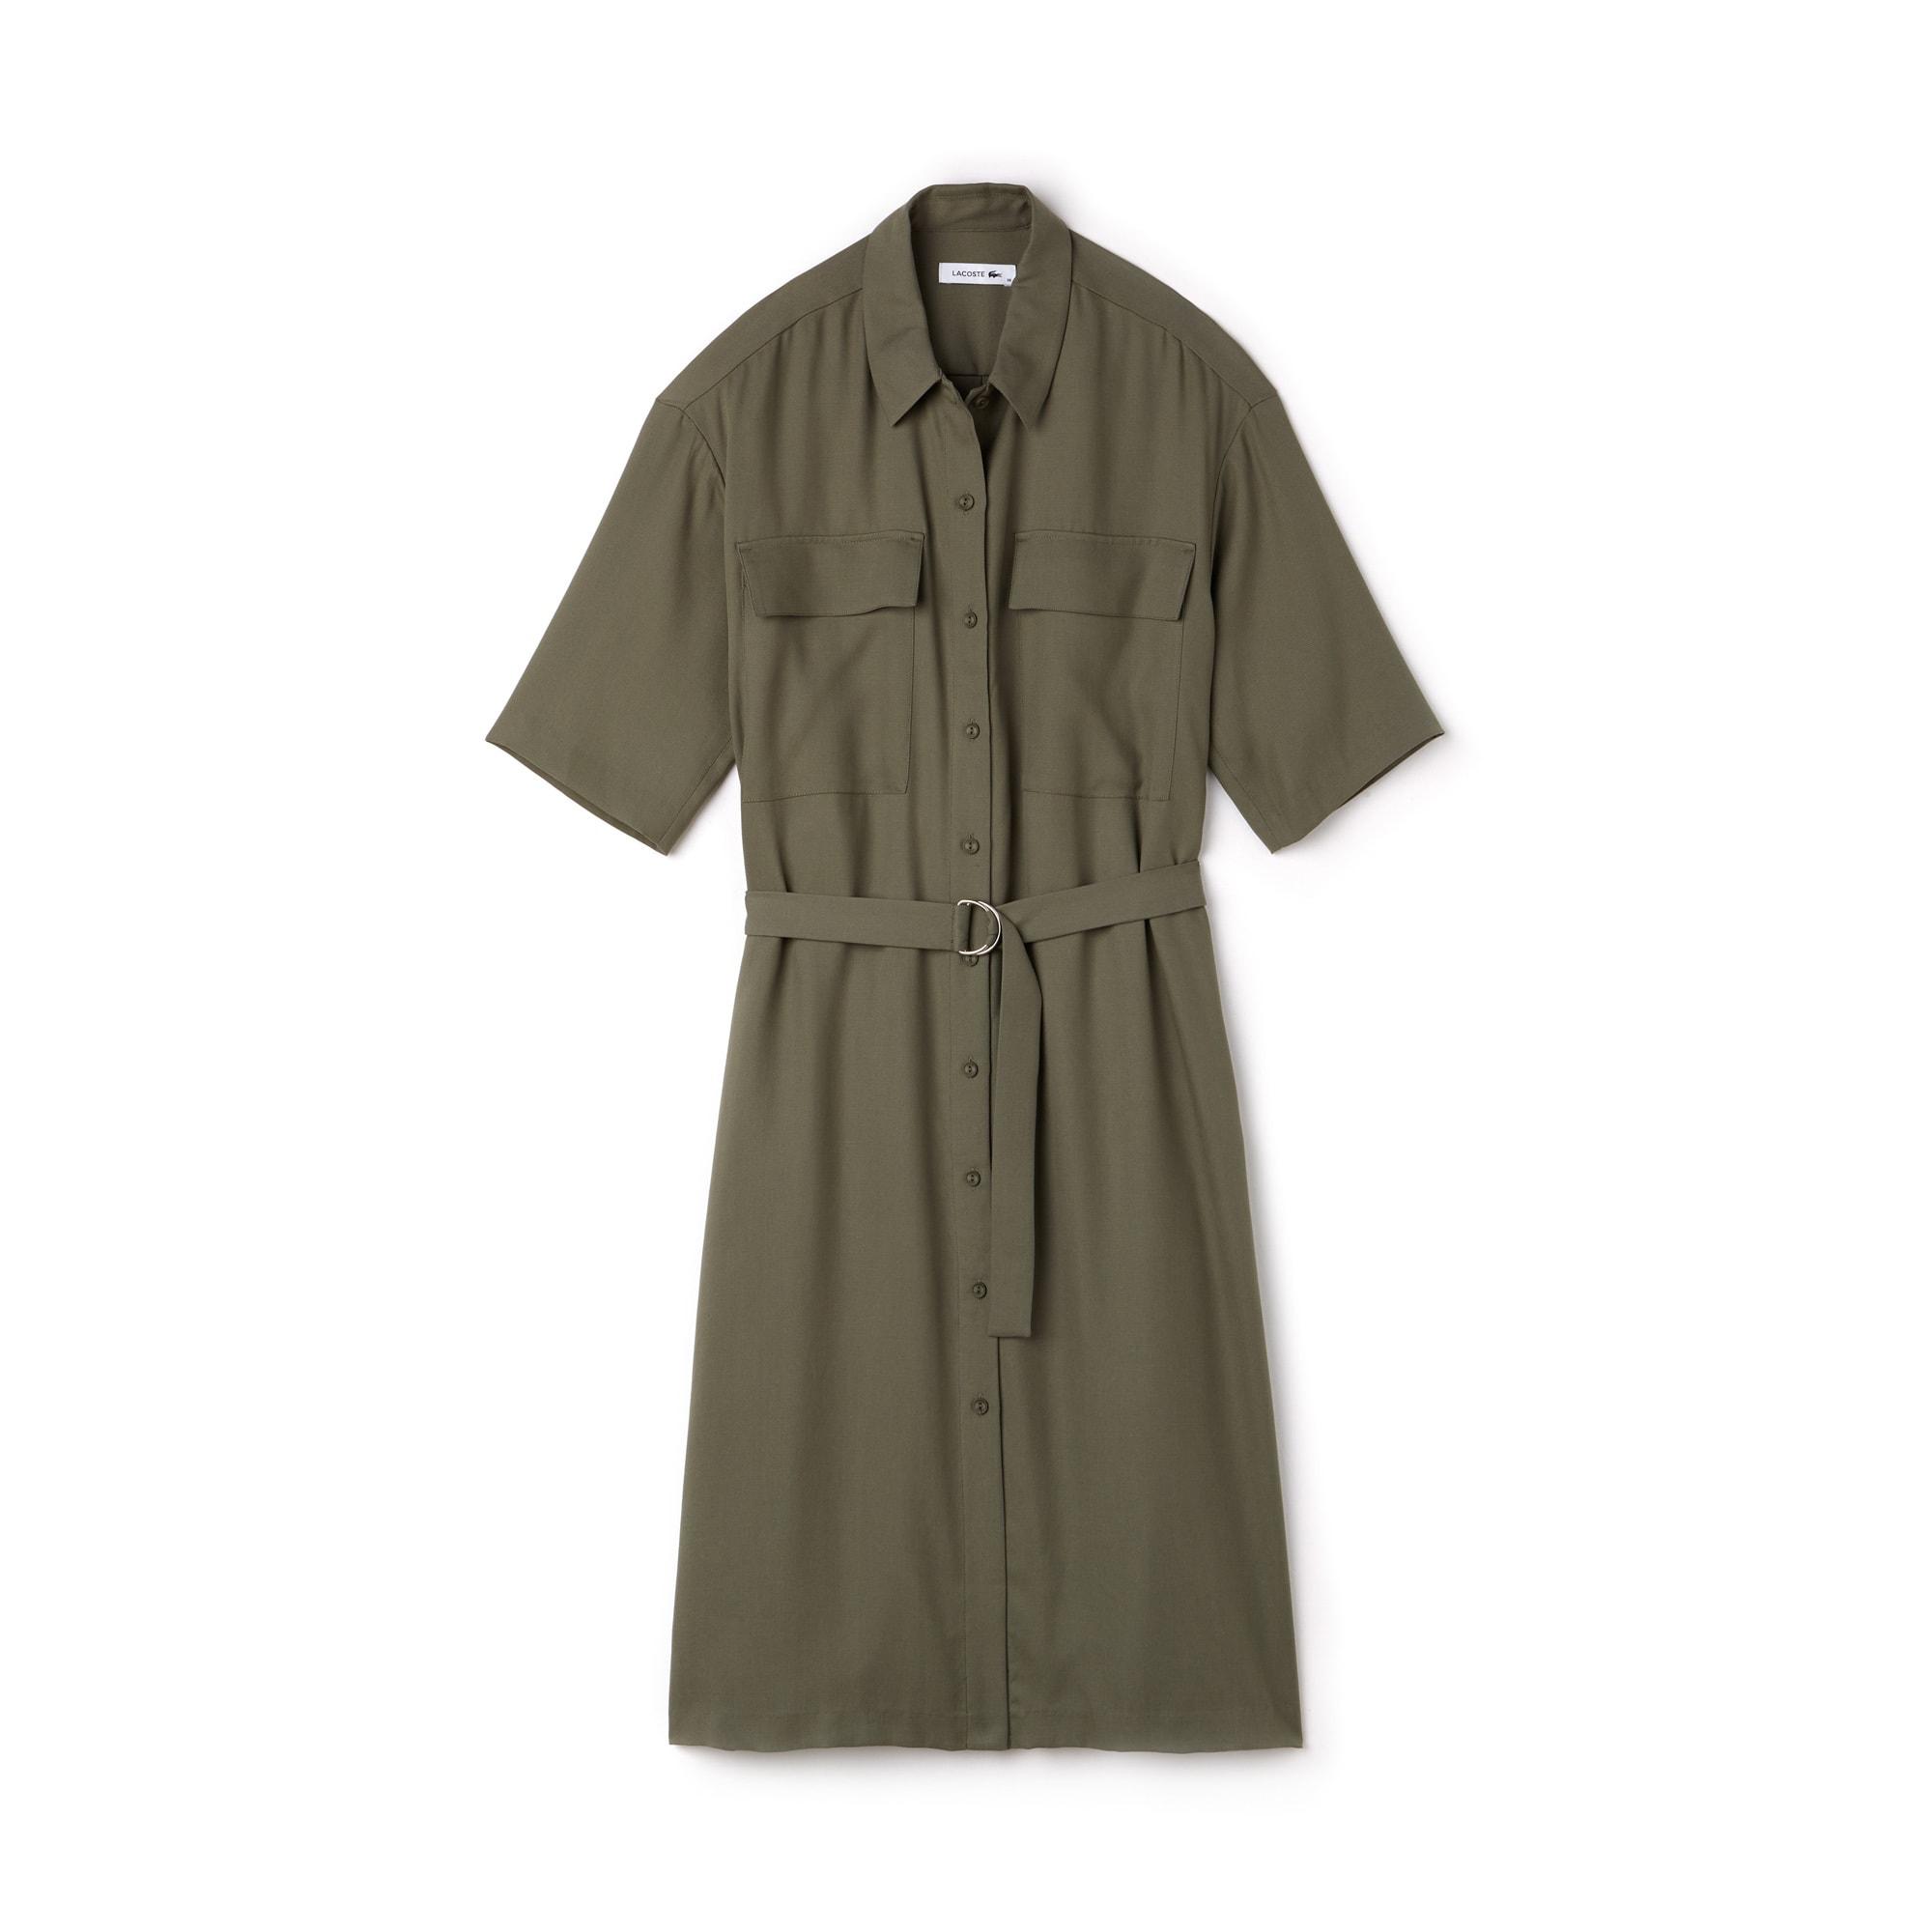 Vestido camisa cintado com mangas três quartos em piqué unicolor